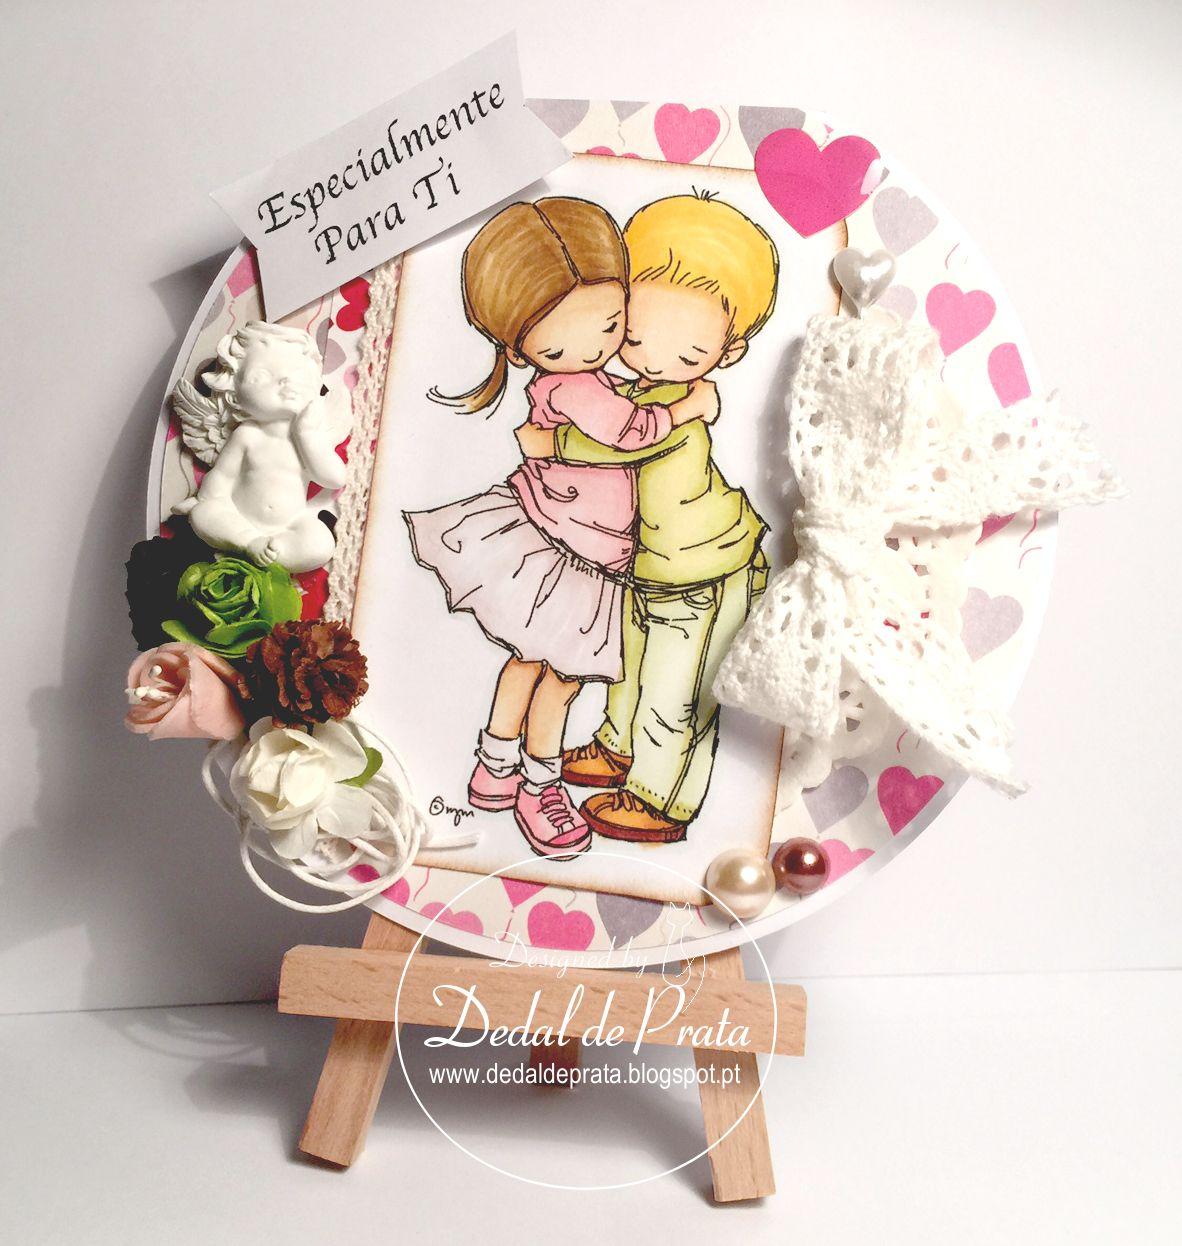 Valentine's day card. Circle card. Especialmente para ti. Cartão para o dia de São Valentim. www.dedaldeprata.blogspot.pt